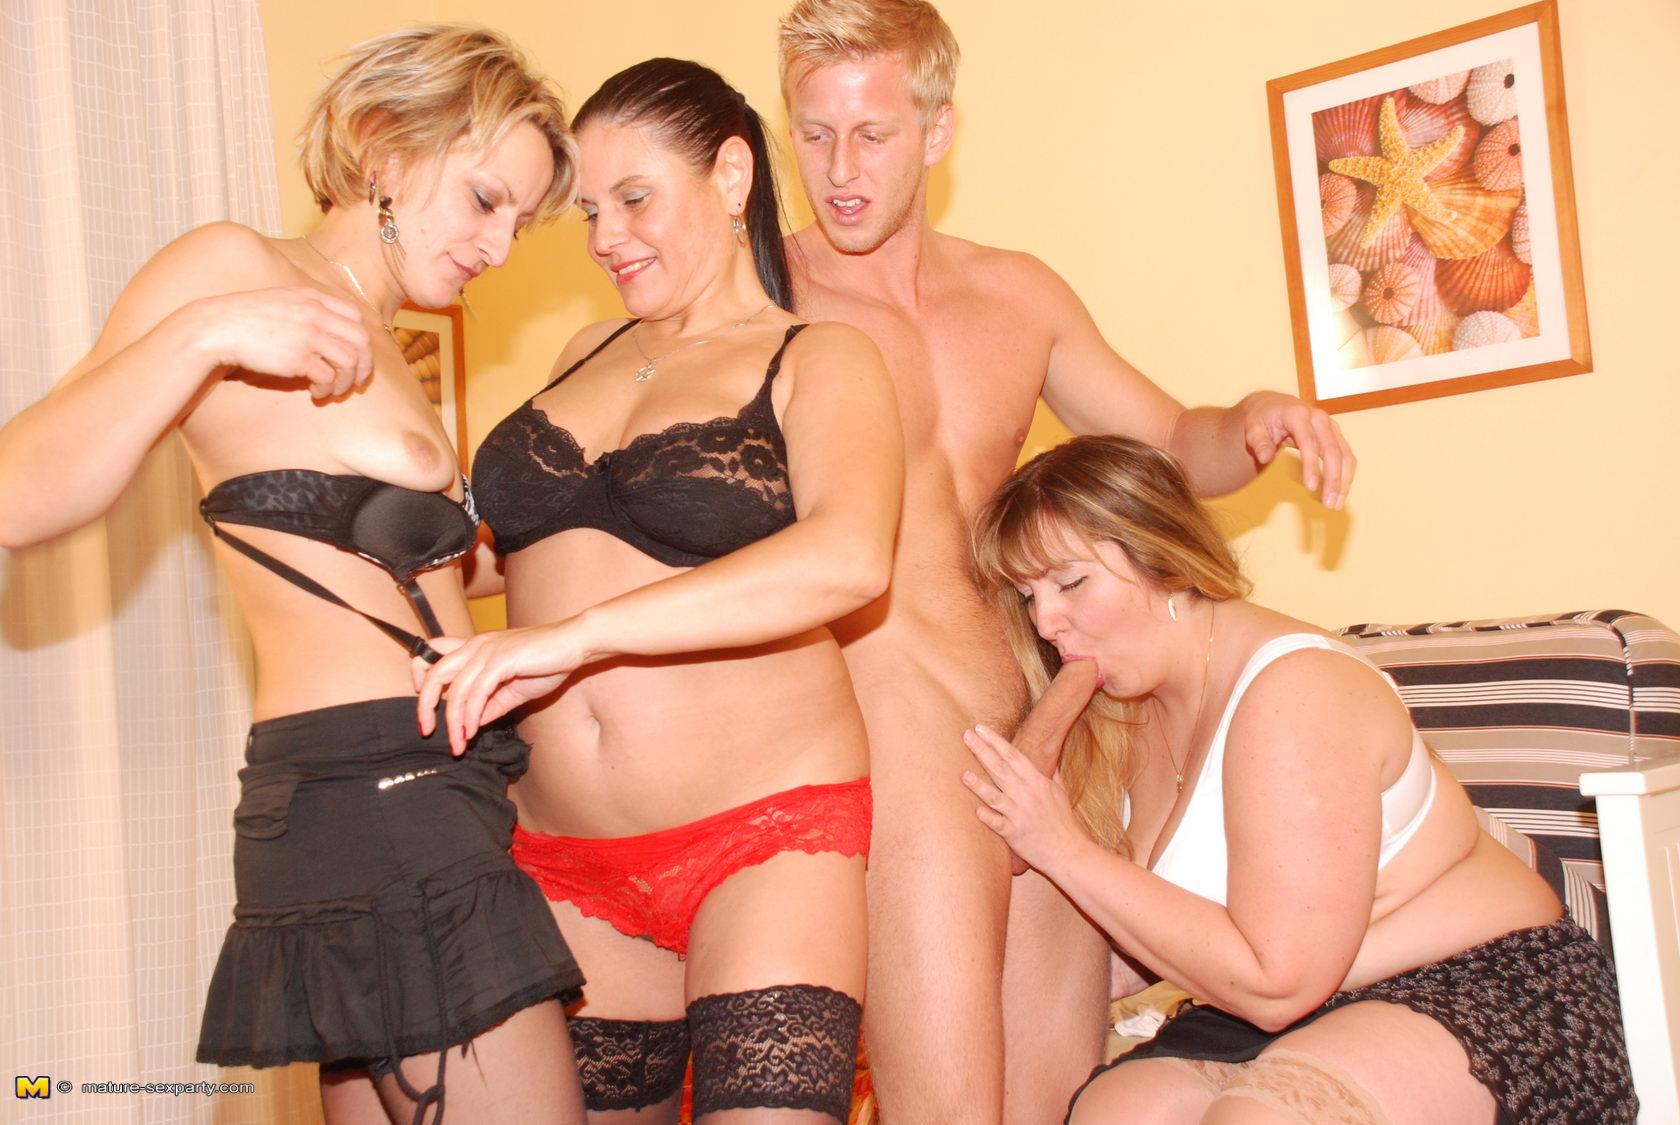 Смотреть онлайн секс со зрелыми тёлками 13 фотография